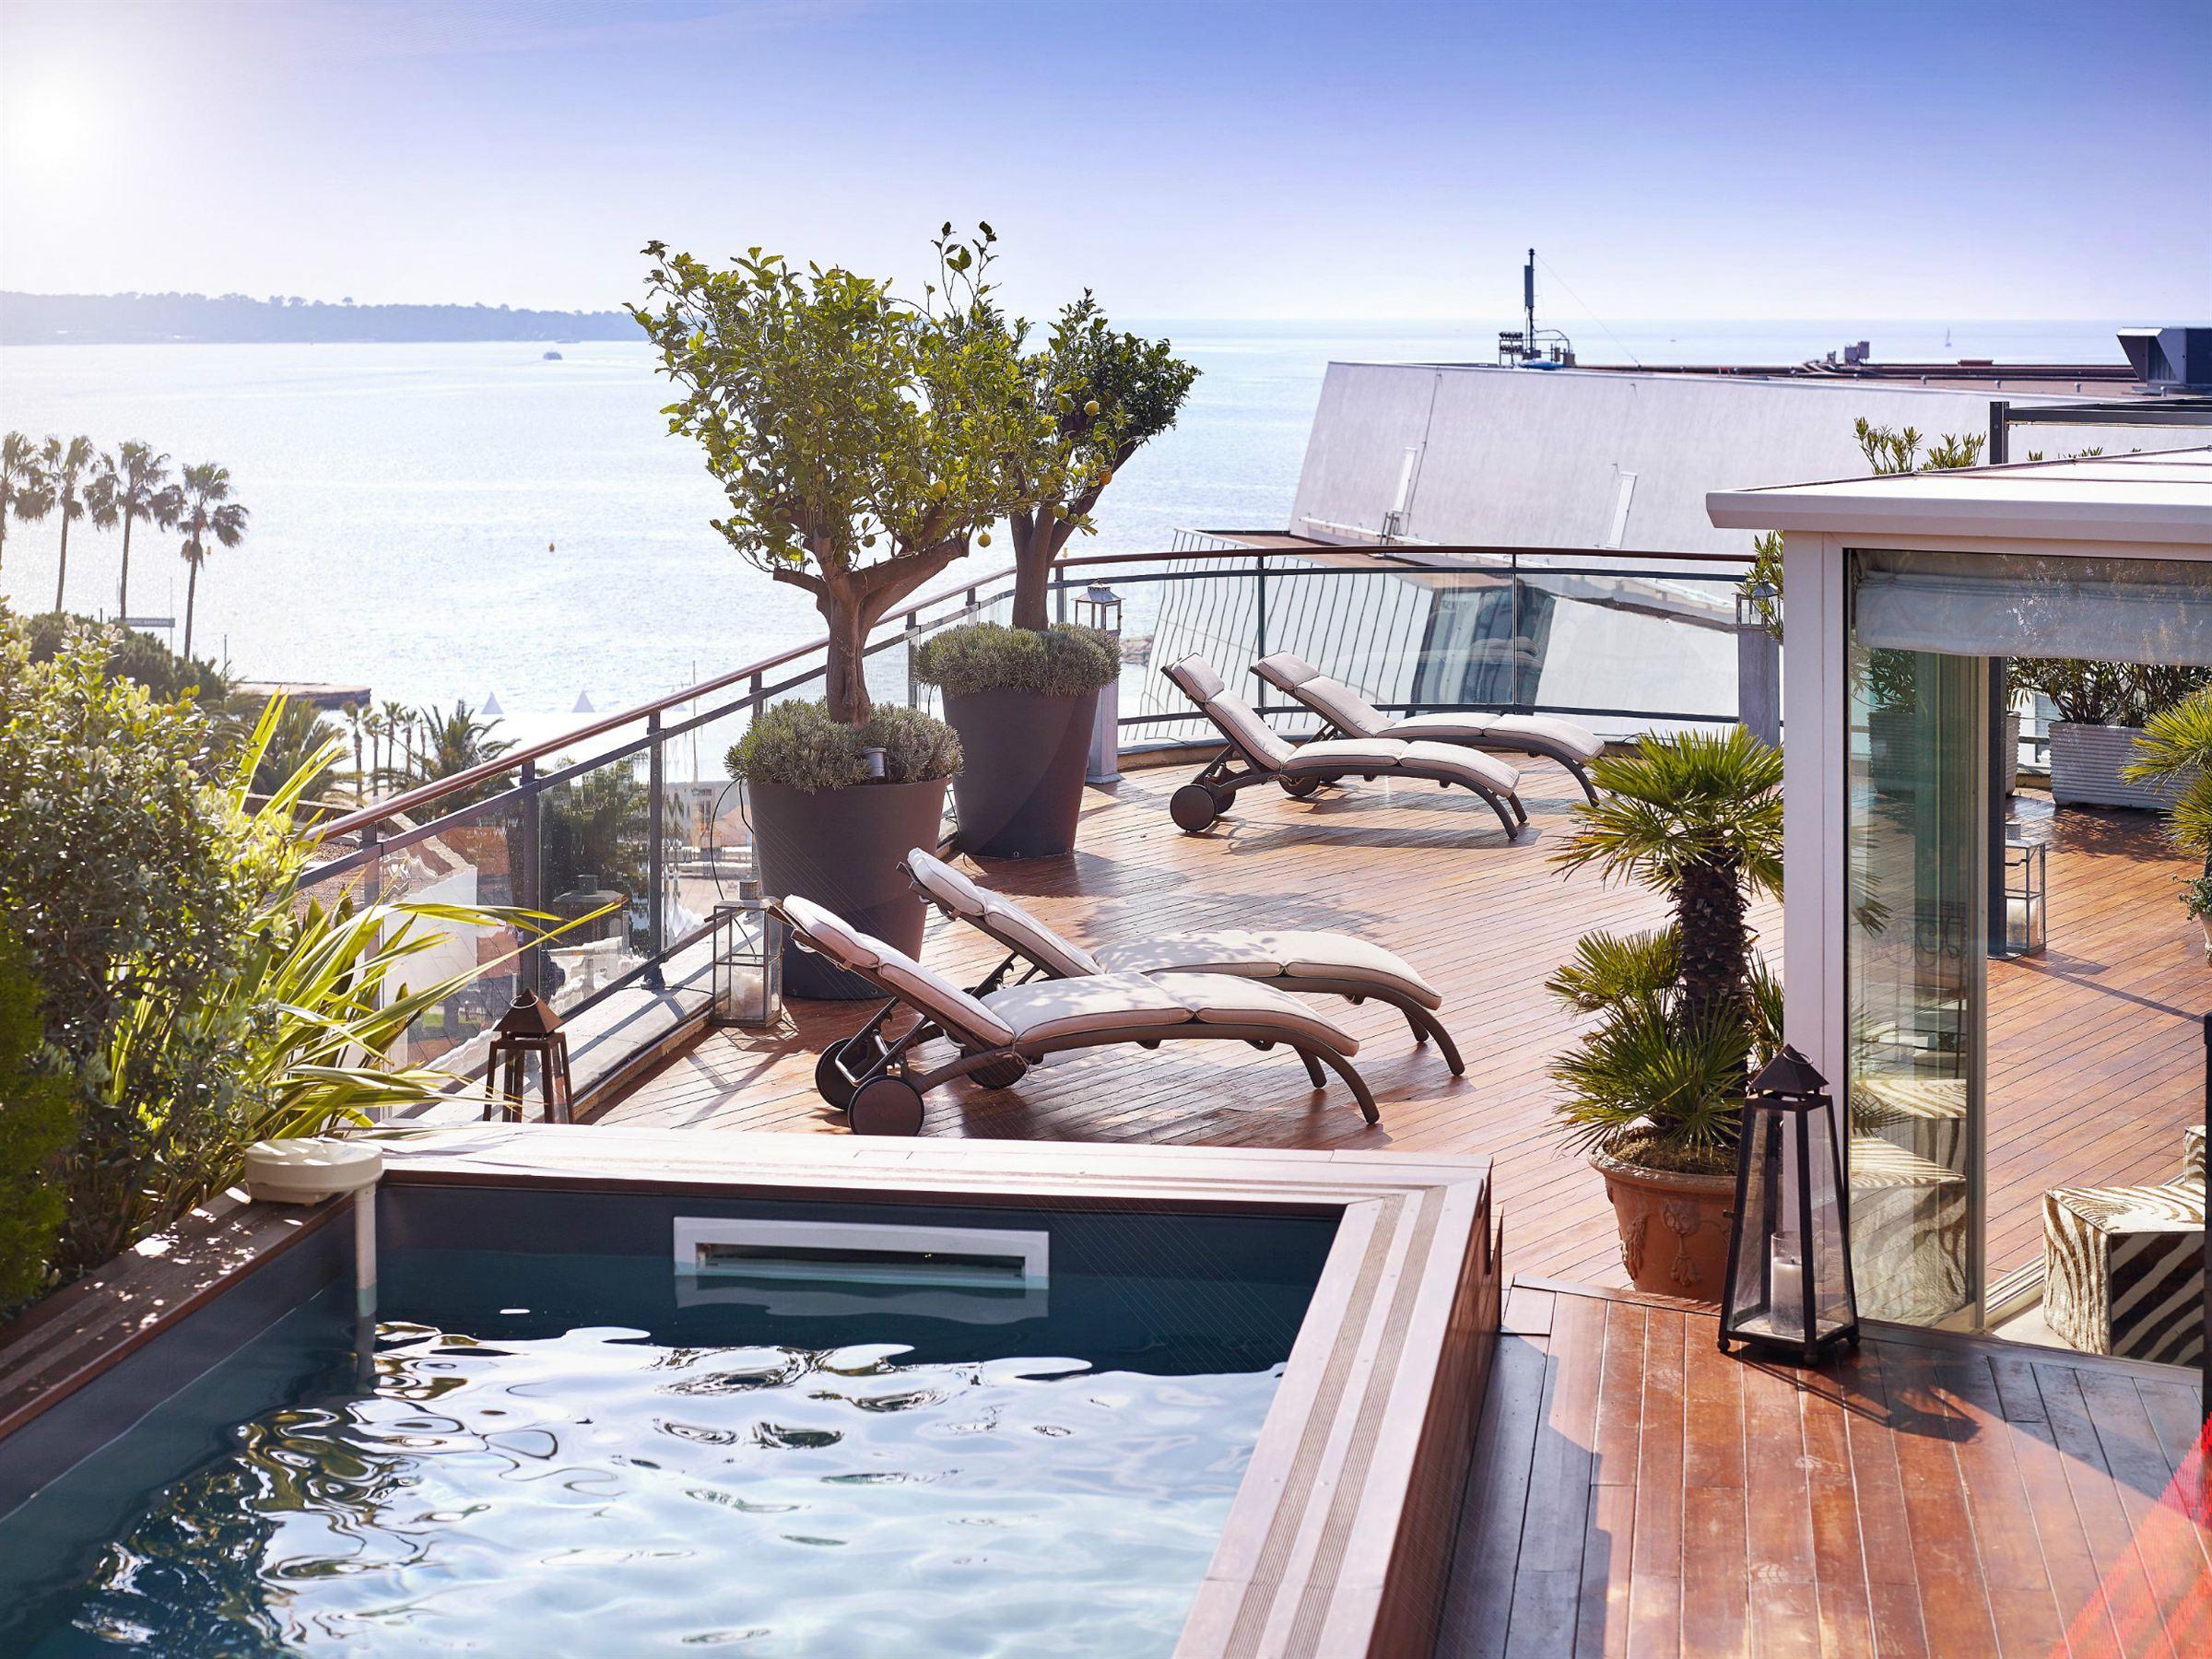 Căn hộ vì Bán tại Luxury penthouse for sale in front of the Palais des Festivals Cannes, Provence-Alpes-Cote D'Azur 06400 Pháp